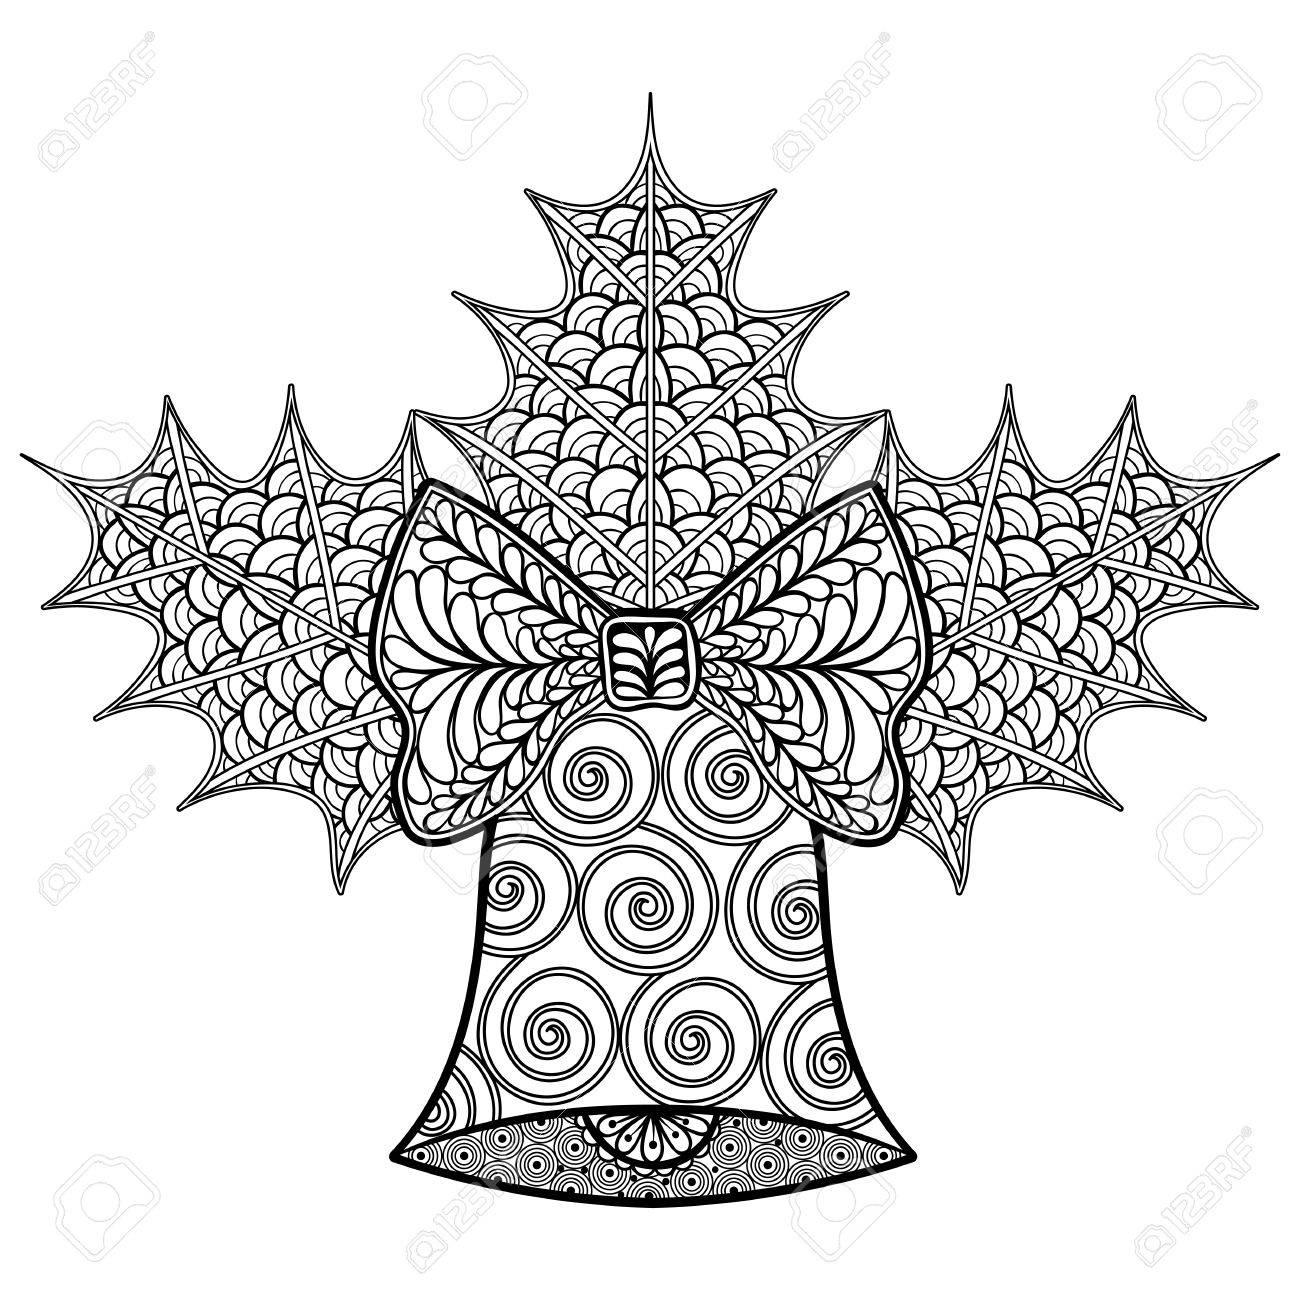 Dibujos Para Colorear De Navidad Con Campana Decorativa Y El Muérdago Zentangle Modelados Ilustración Para Adultos Libros Para Colorear Contra El